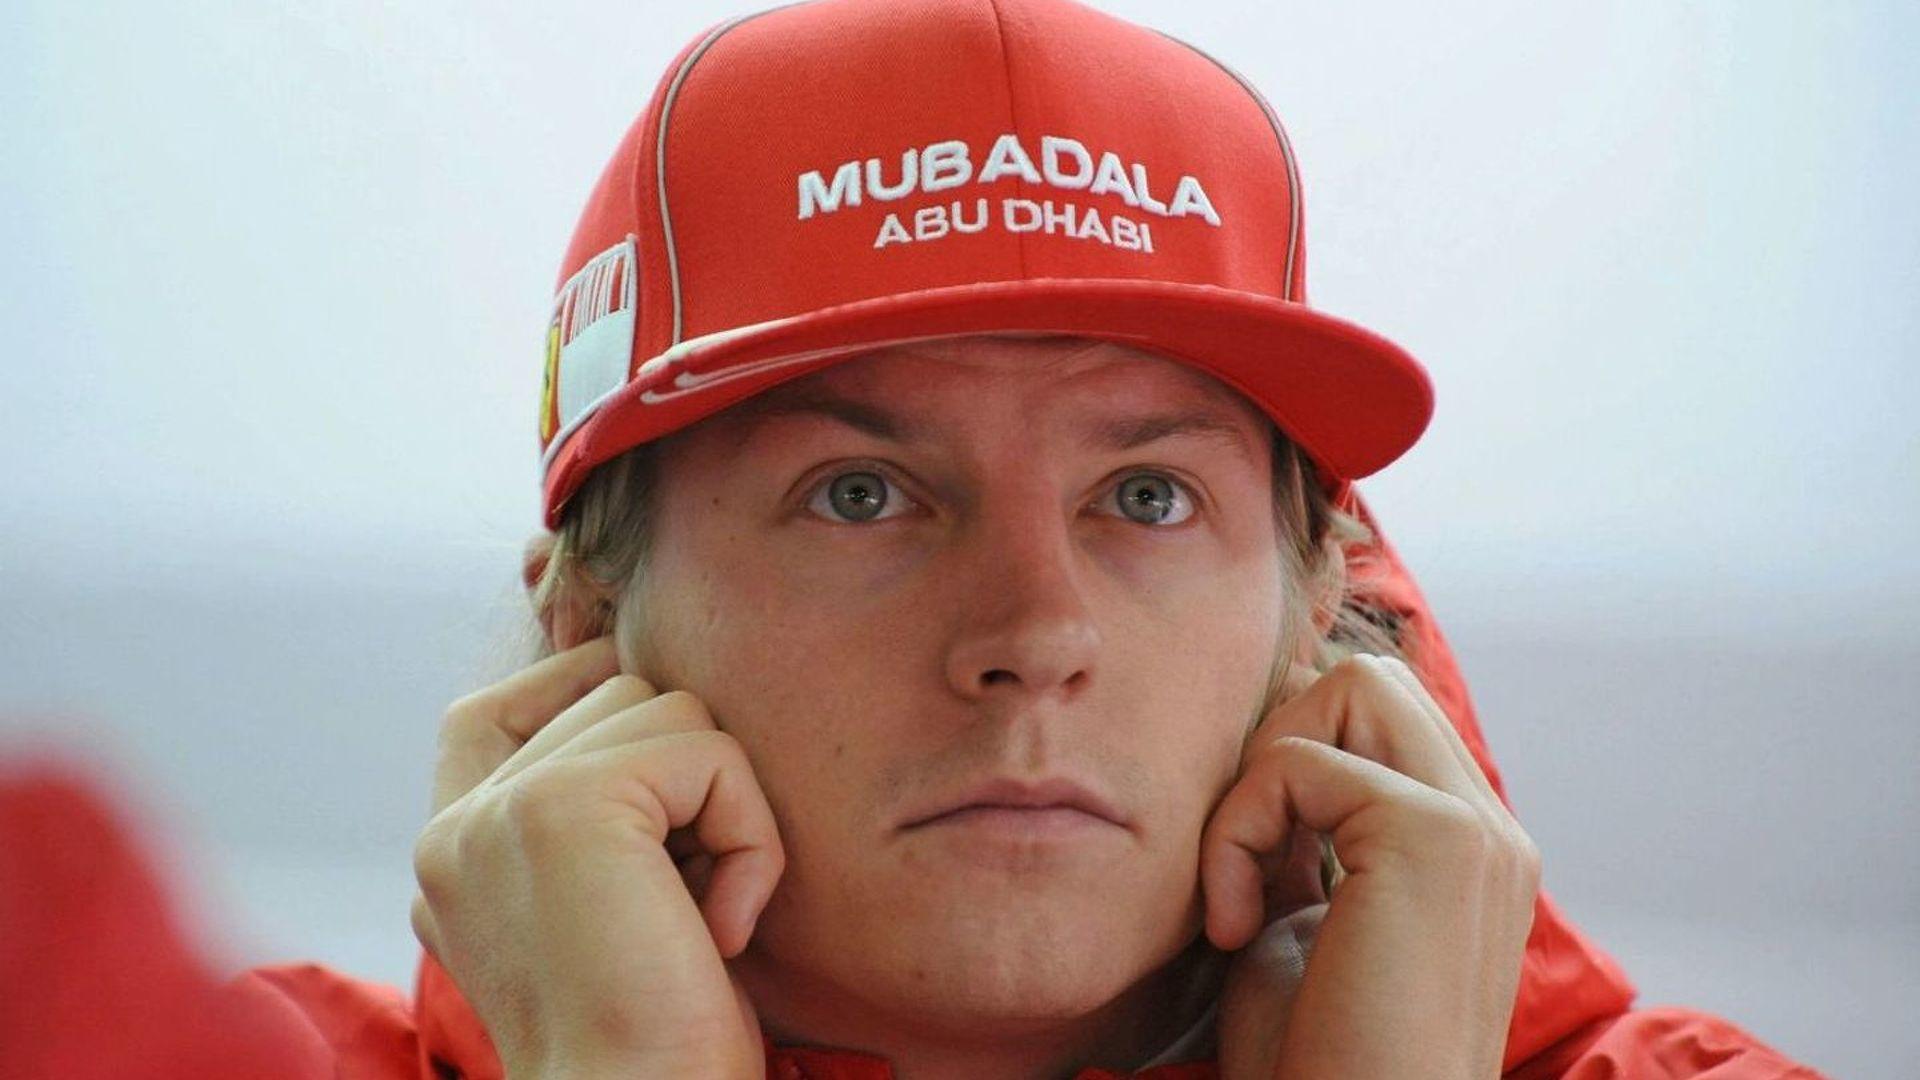 Ferrari plays down Raikkonen return reports